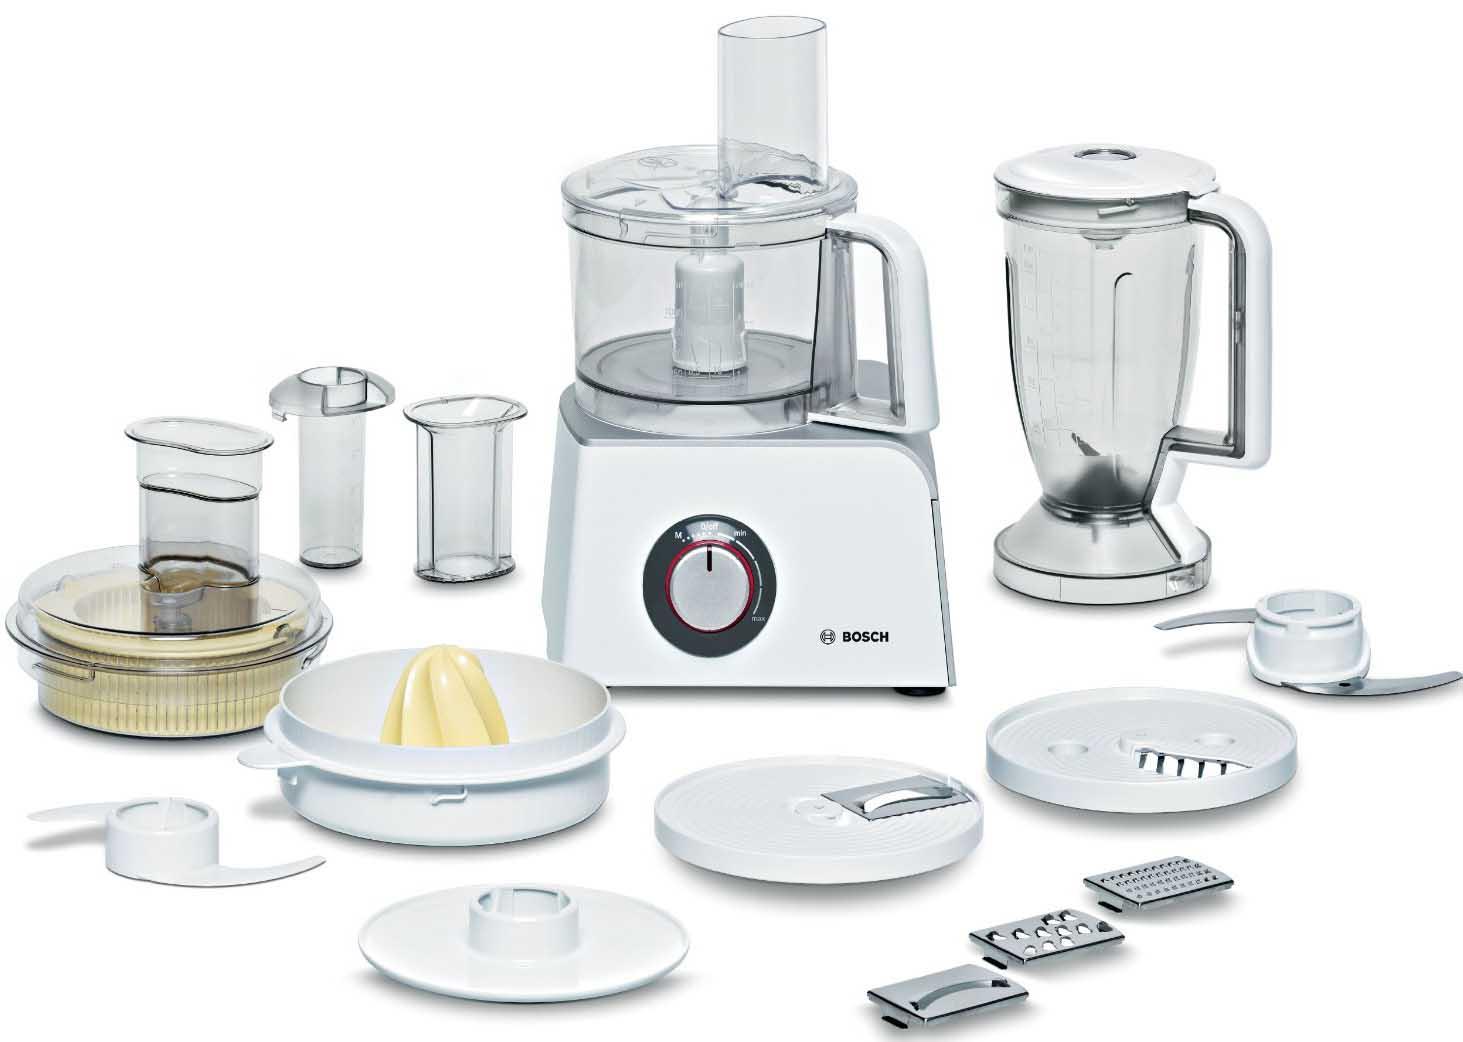 Bosch mcm4200 leggi la recensione con foto e commenti online - Robot da cucina forum ...